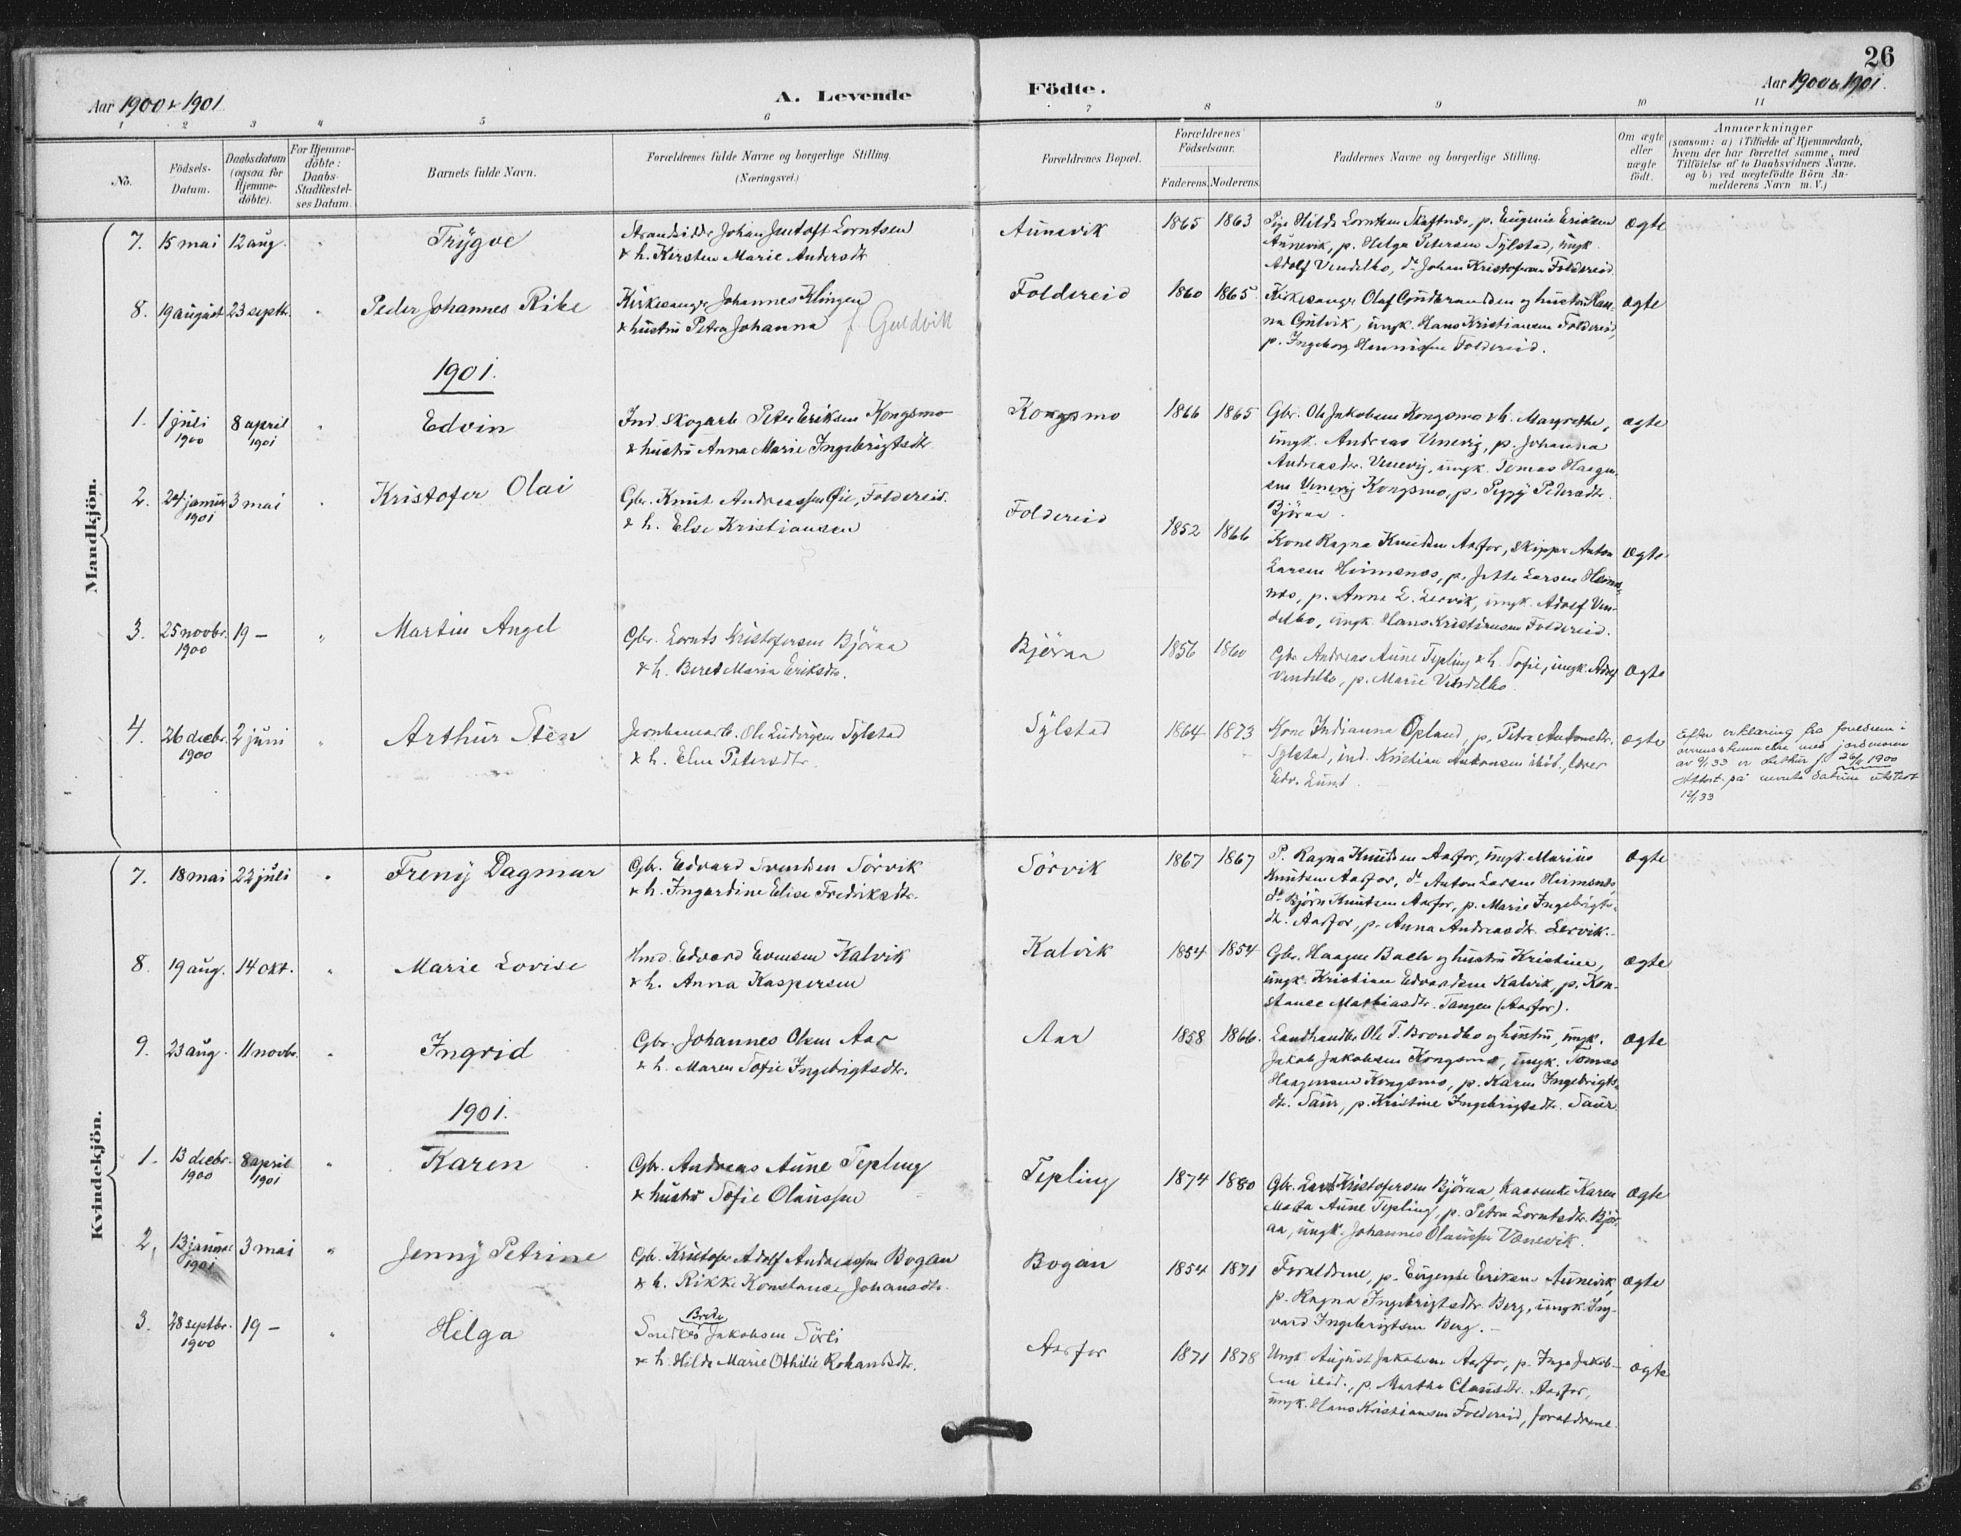 SAT, Ministerialprotokoller, klokkerbøker og fødselsregistre - Nord-Trøndelag, 783/L0660: Ministerialbok nr. 783A02, 1886-1918, s. 26